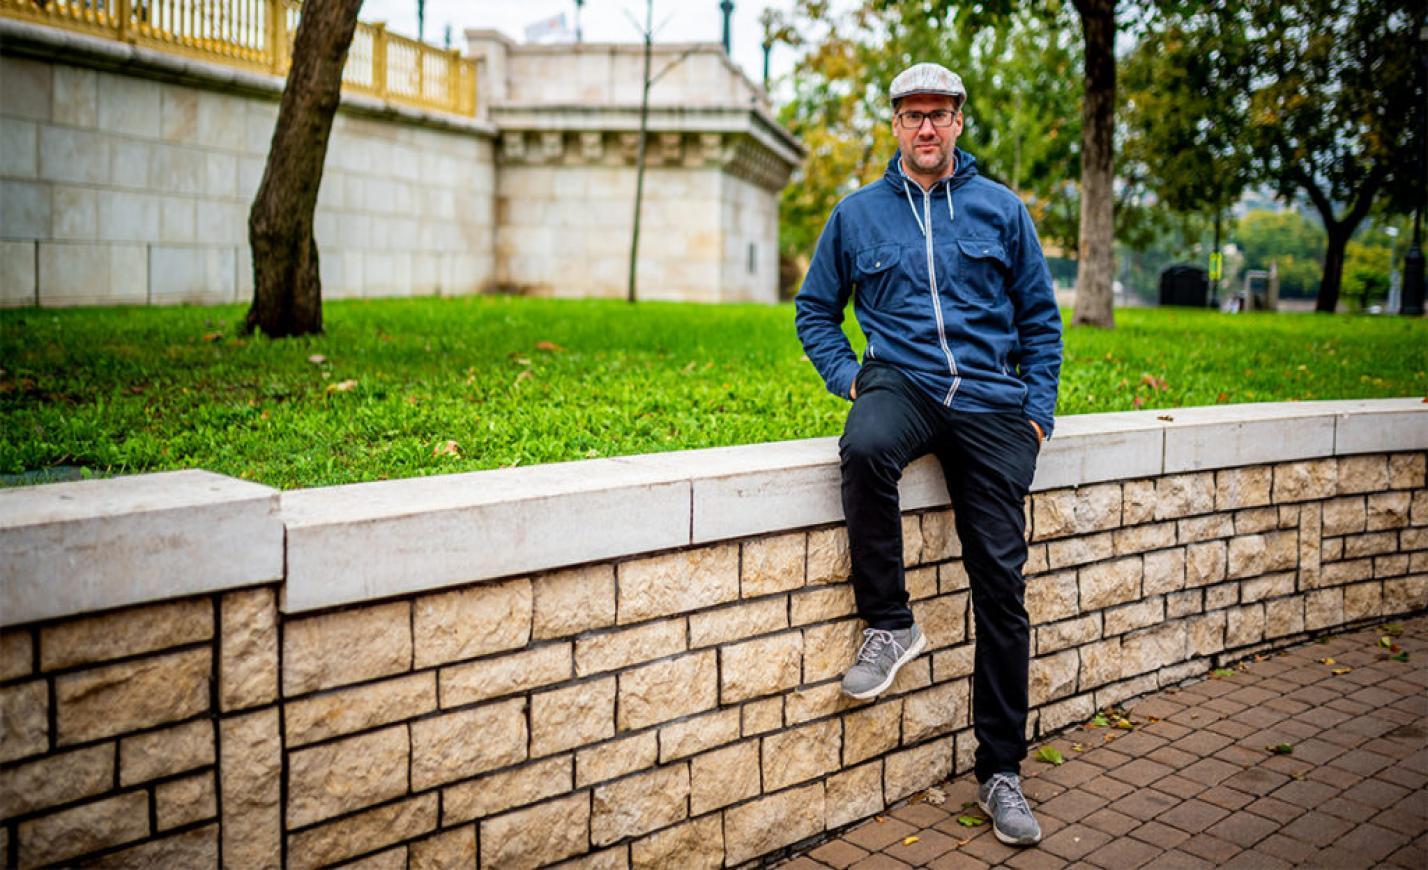 Csillag Péter: Ha a futballpálya él, akkor jó eséllyel a falu is élni fog